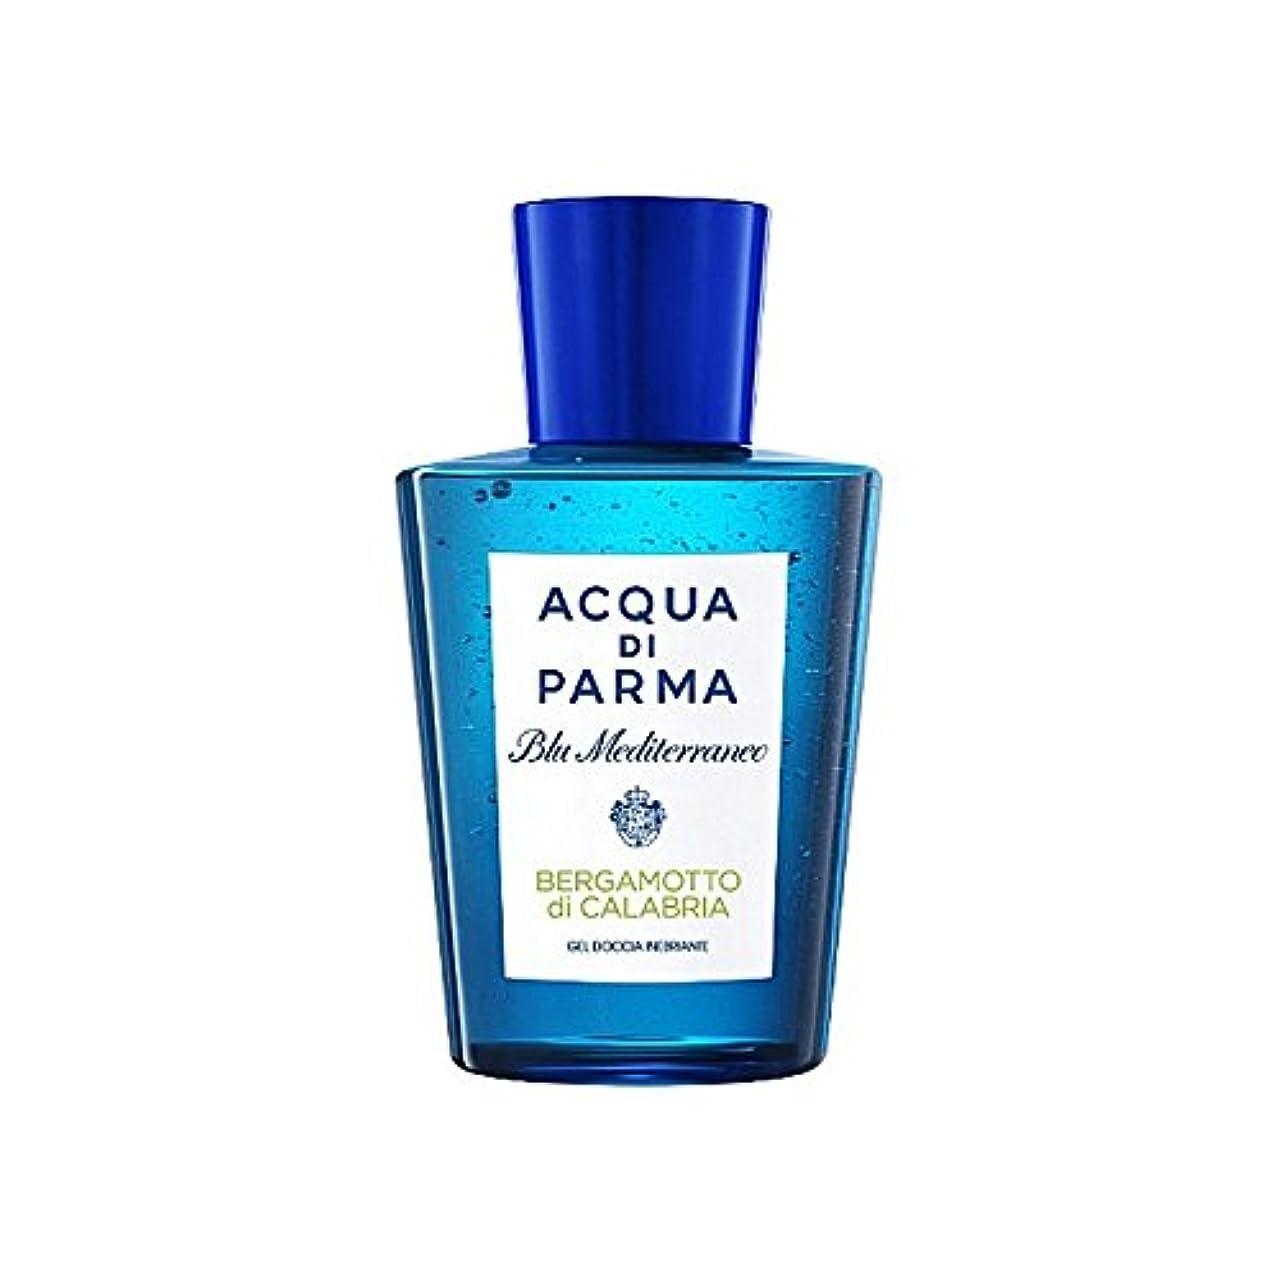 びんがっかりしたプレミアAcqua Di Parma Blu Mediterraneo Bergamotto Di Calabria Shower Gel 200ml - アクアディパルマブルーメディのディカラブリアシャワージェル200 [並行輸入品]